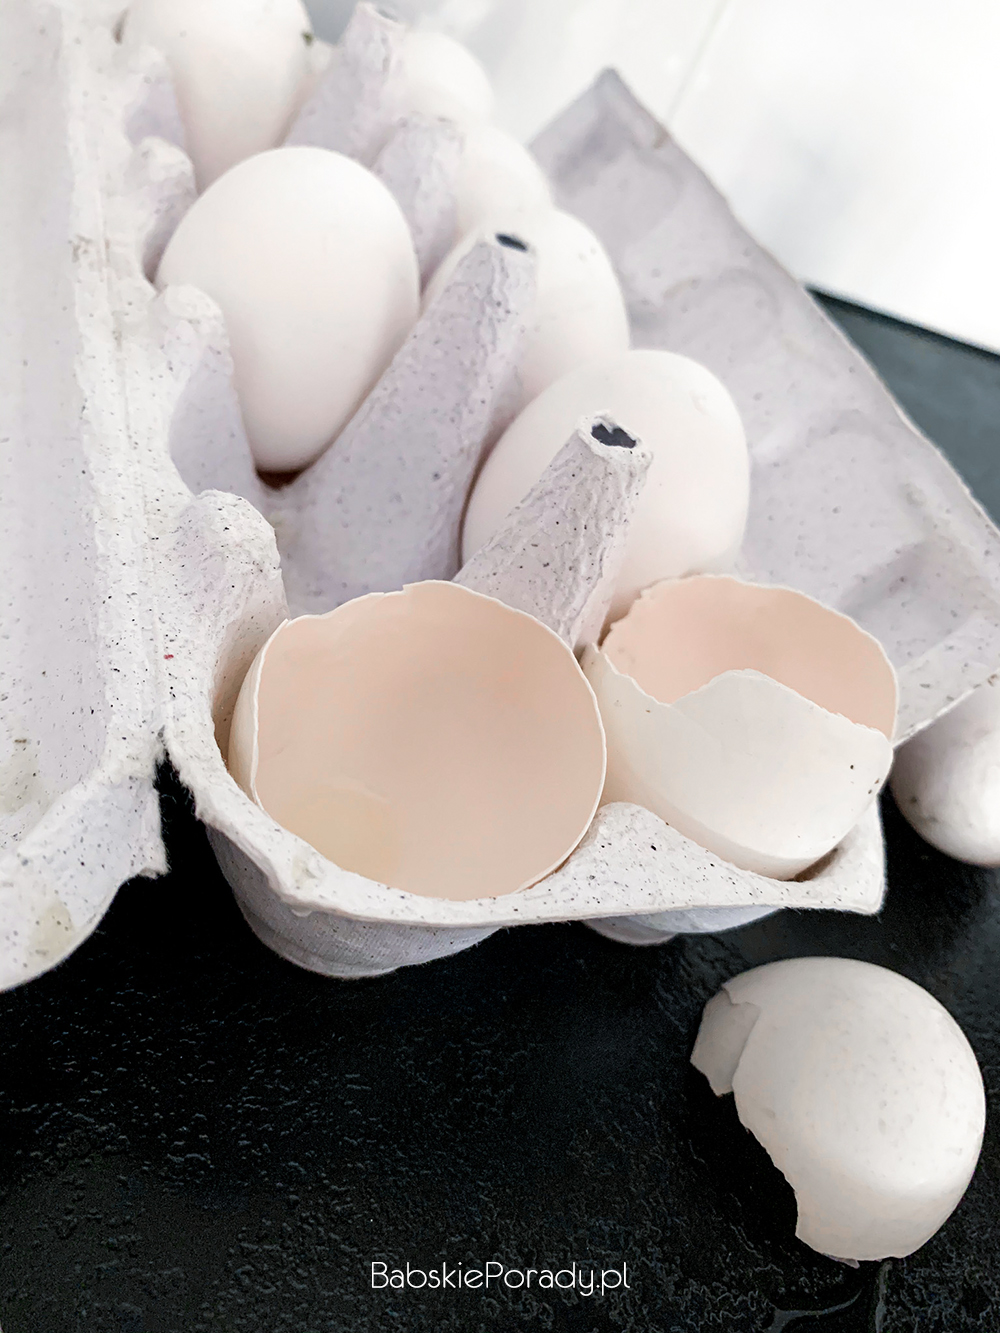 Jak Wykorzystać Skorupki z Jajek do Nawożenia Roślin